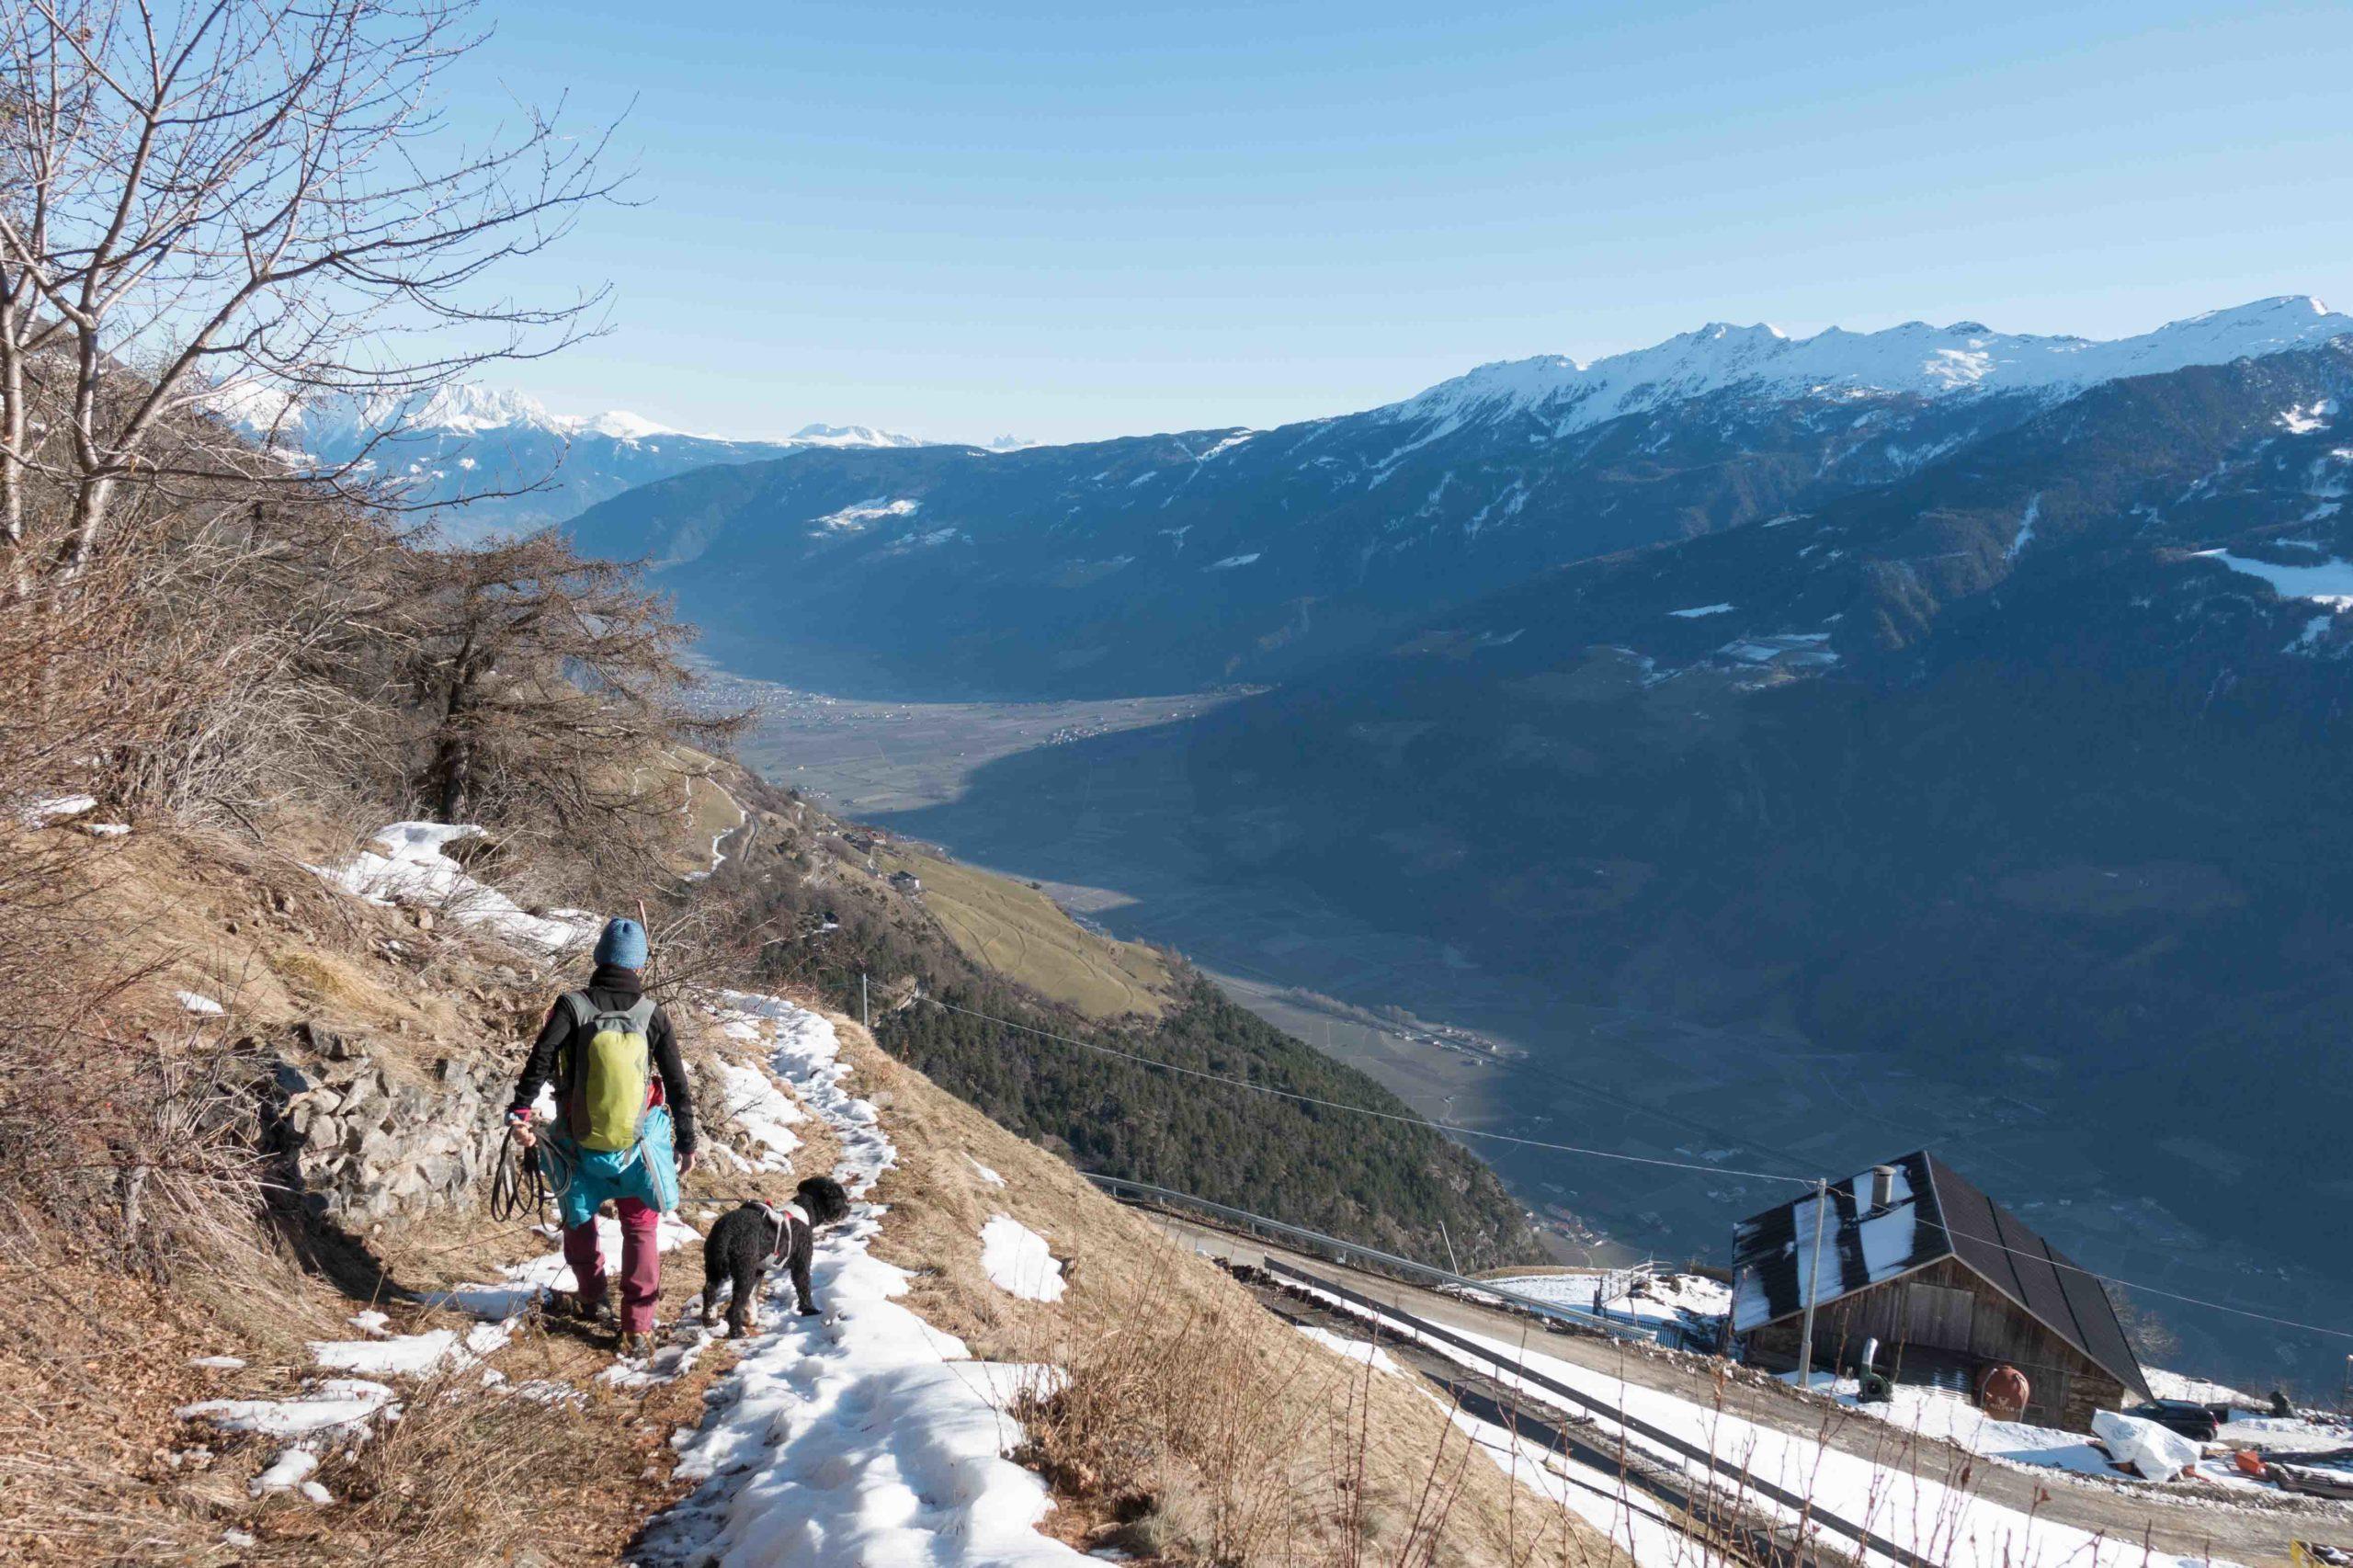 Vorsilvester-Wanderung auf dem Vinschger Höhenweg – Indi erzählt